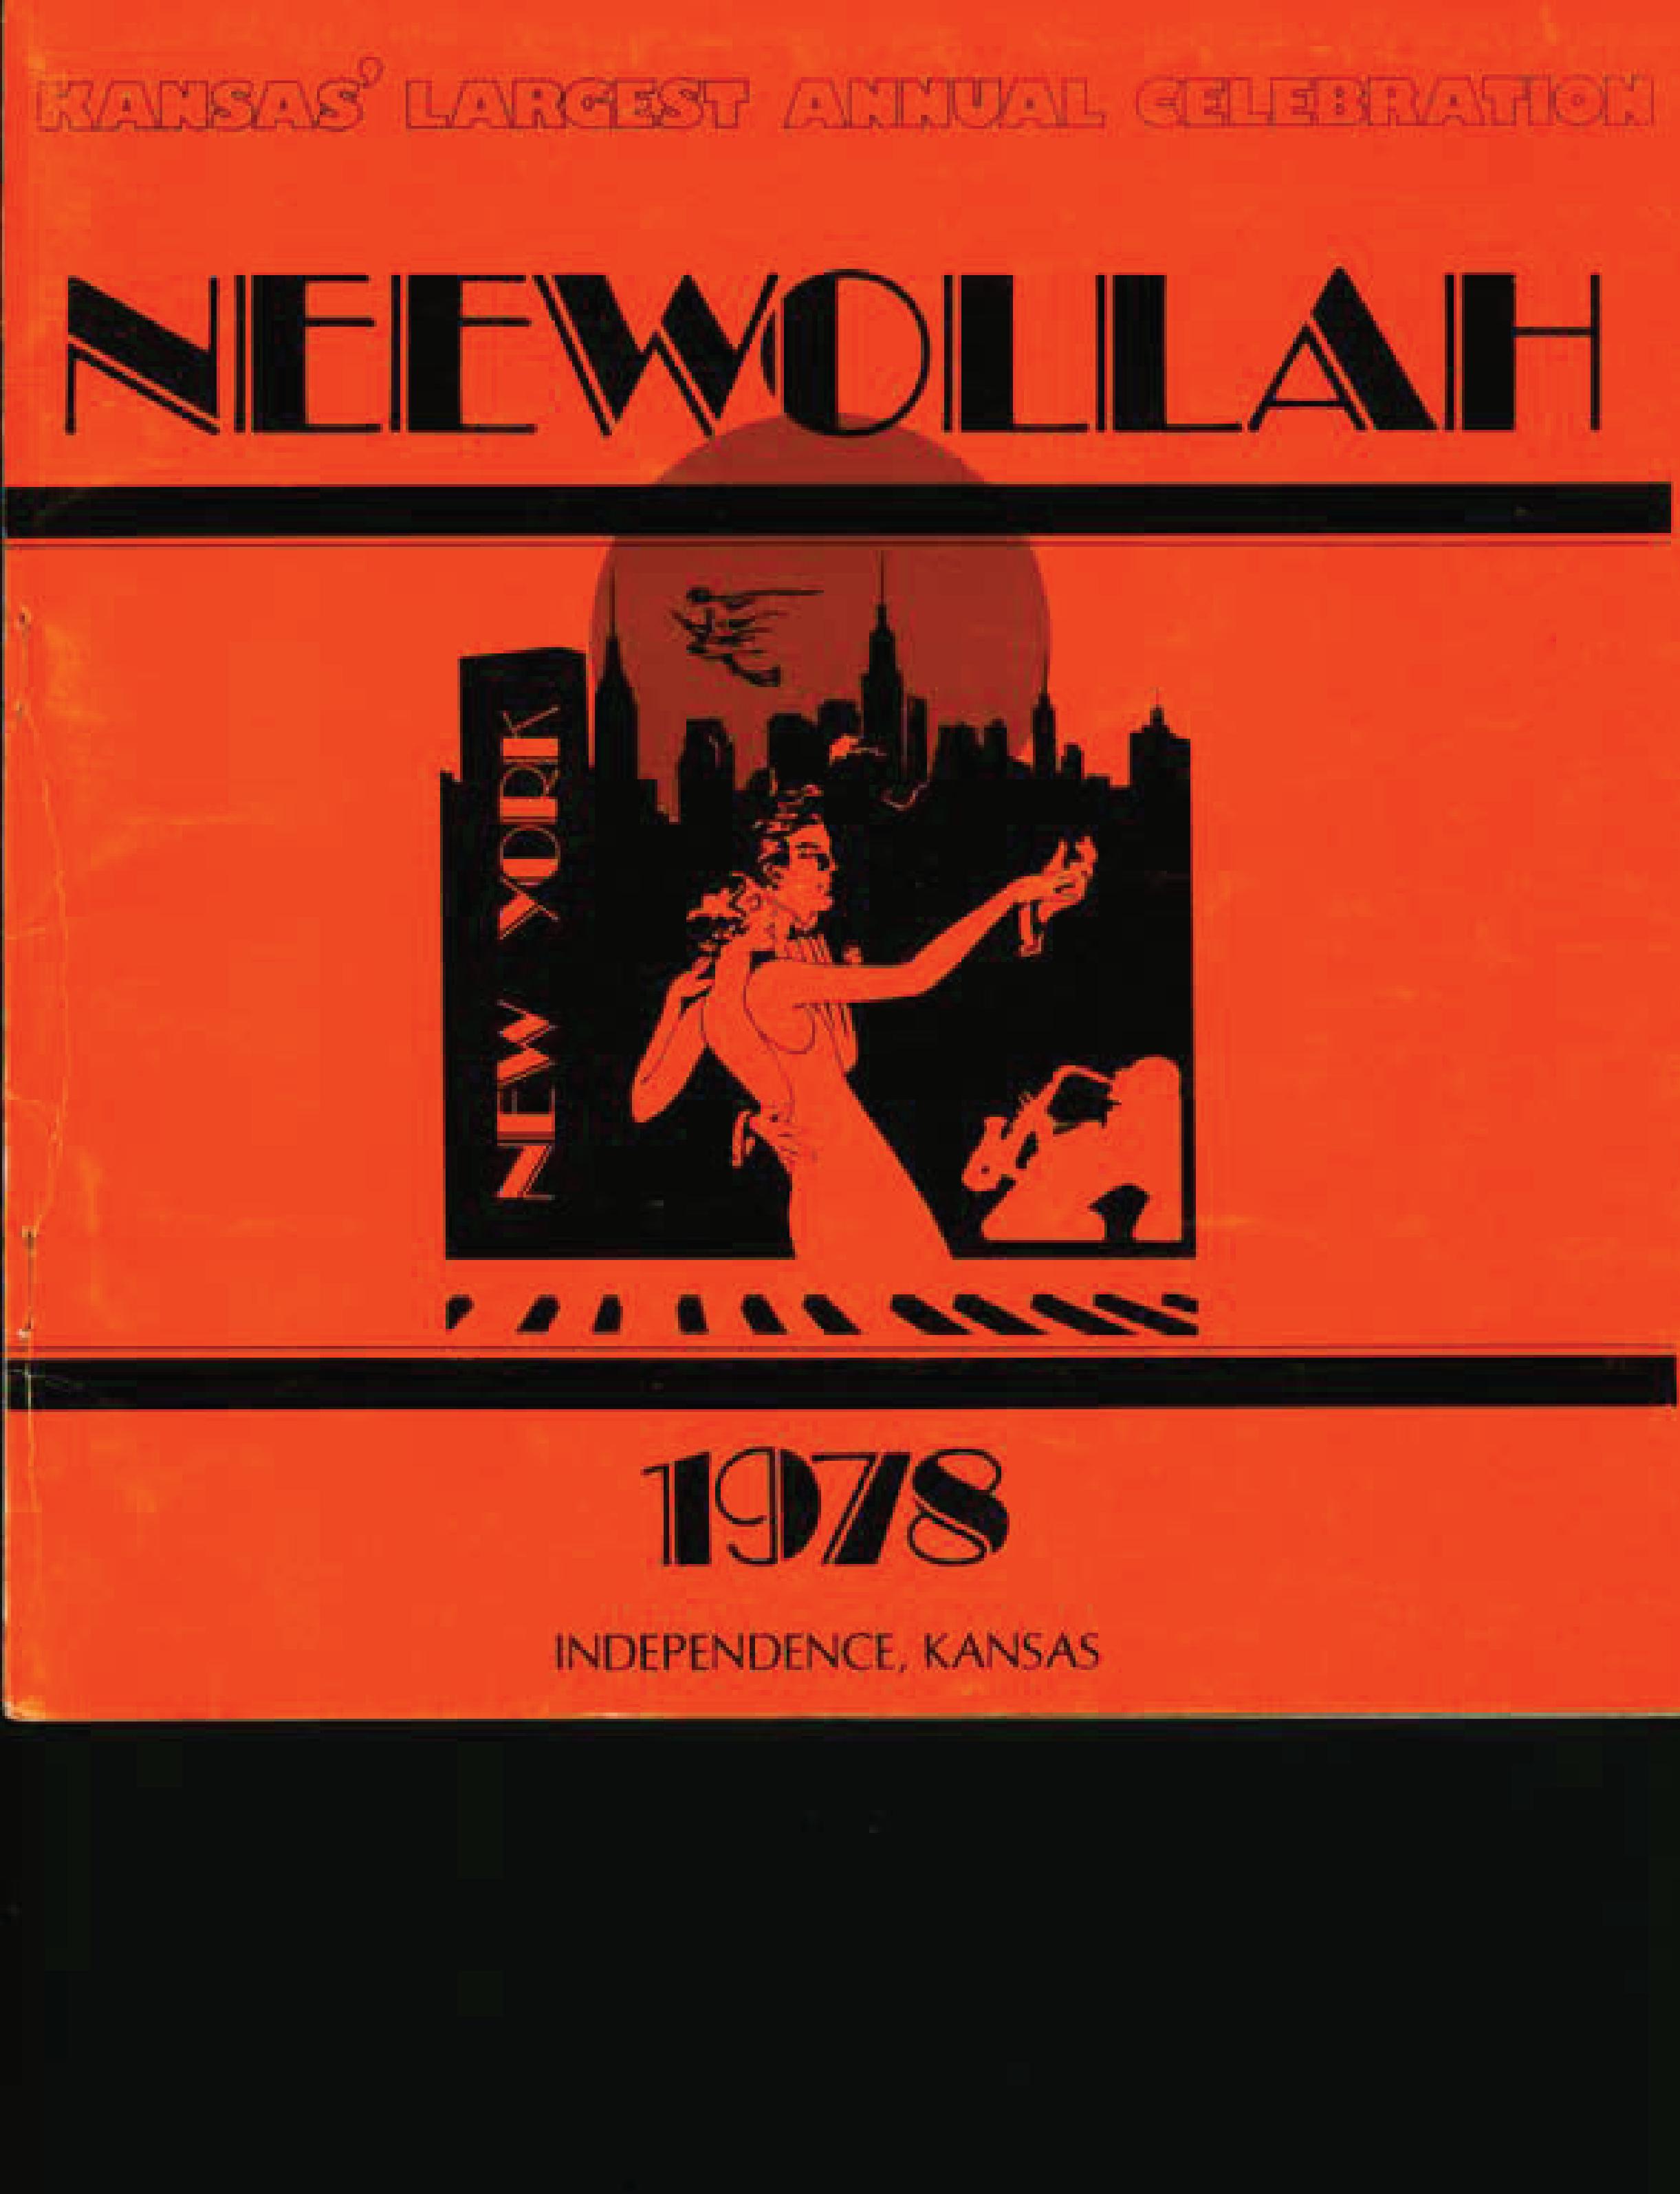 Neewollah 1978